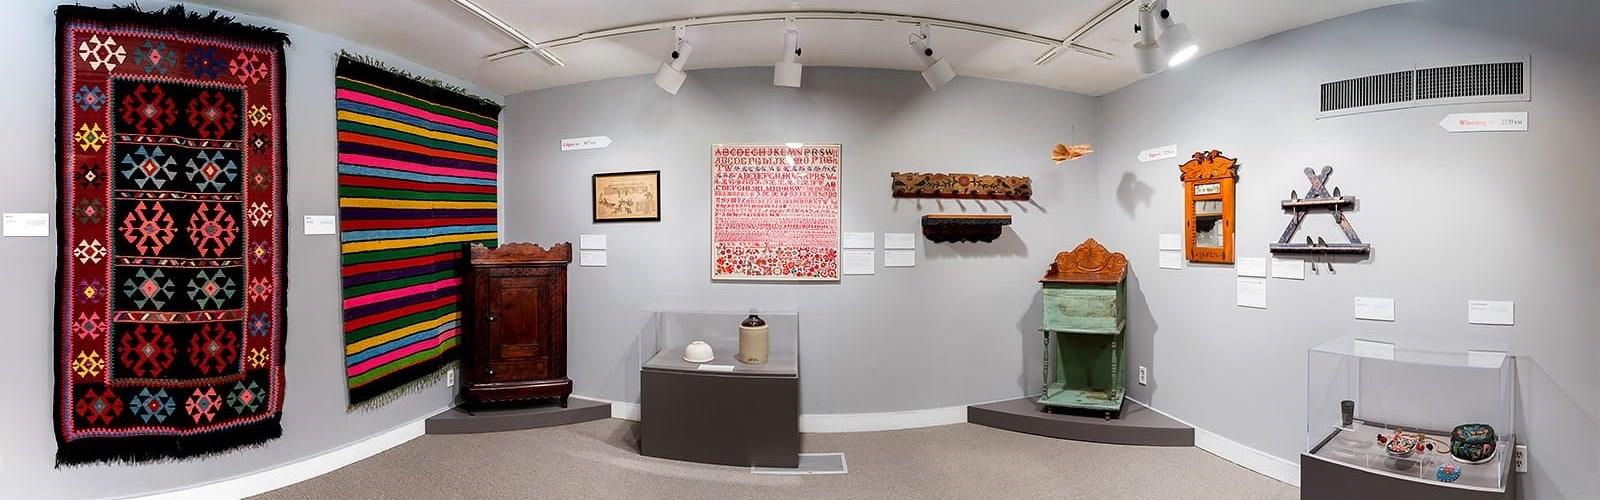 Kitchener museum sexuality exhibit